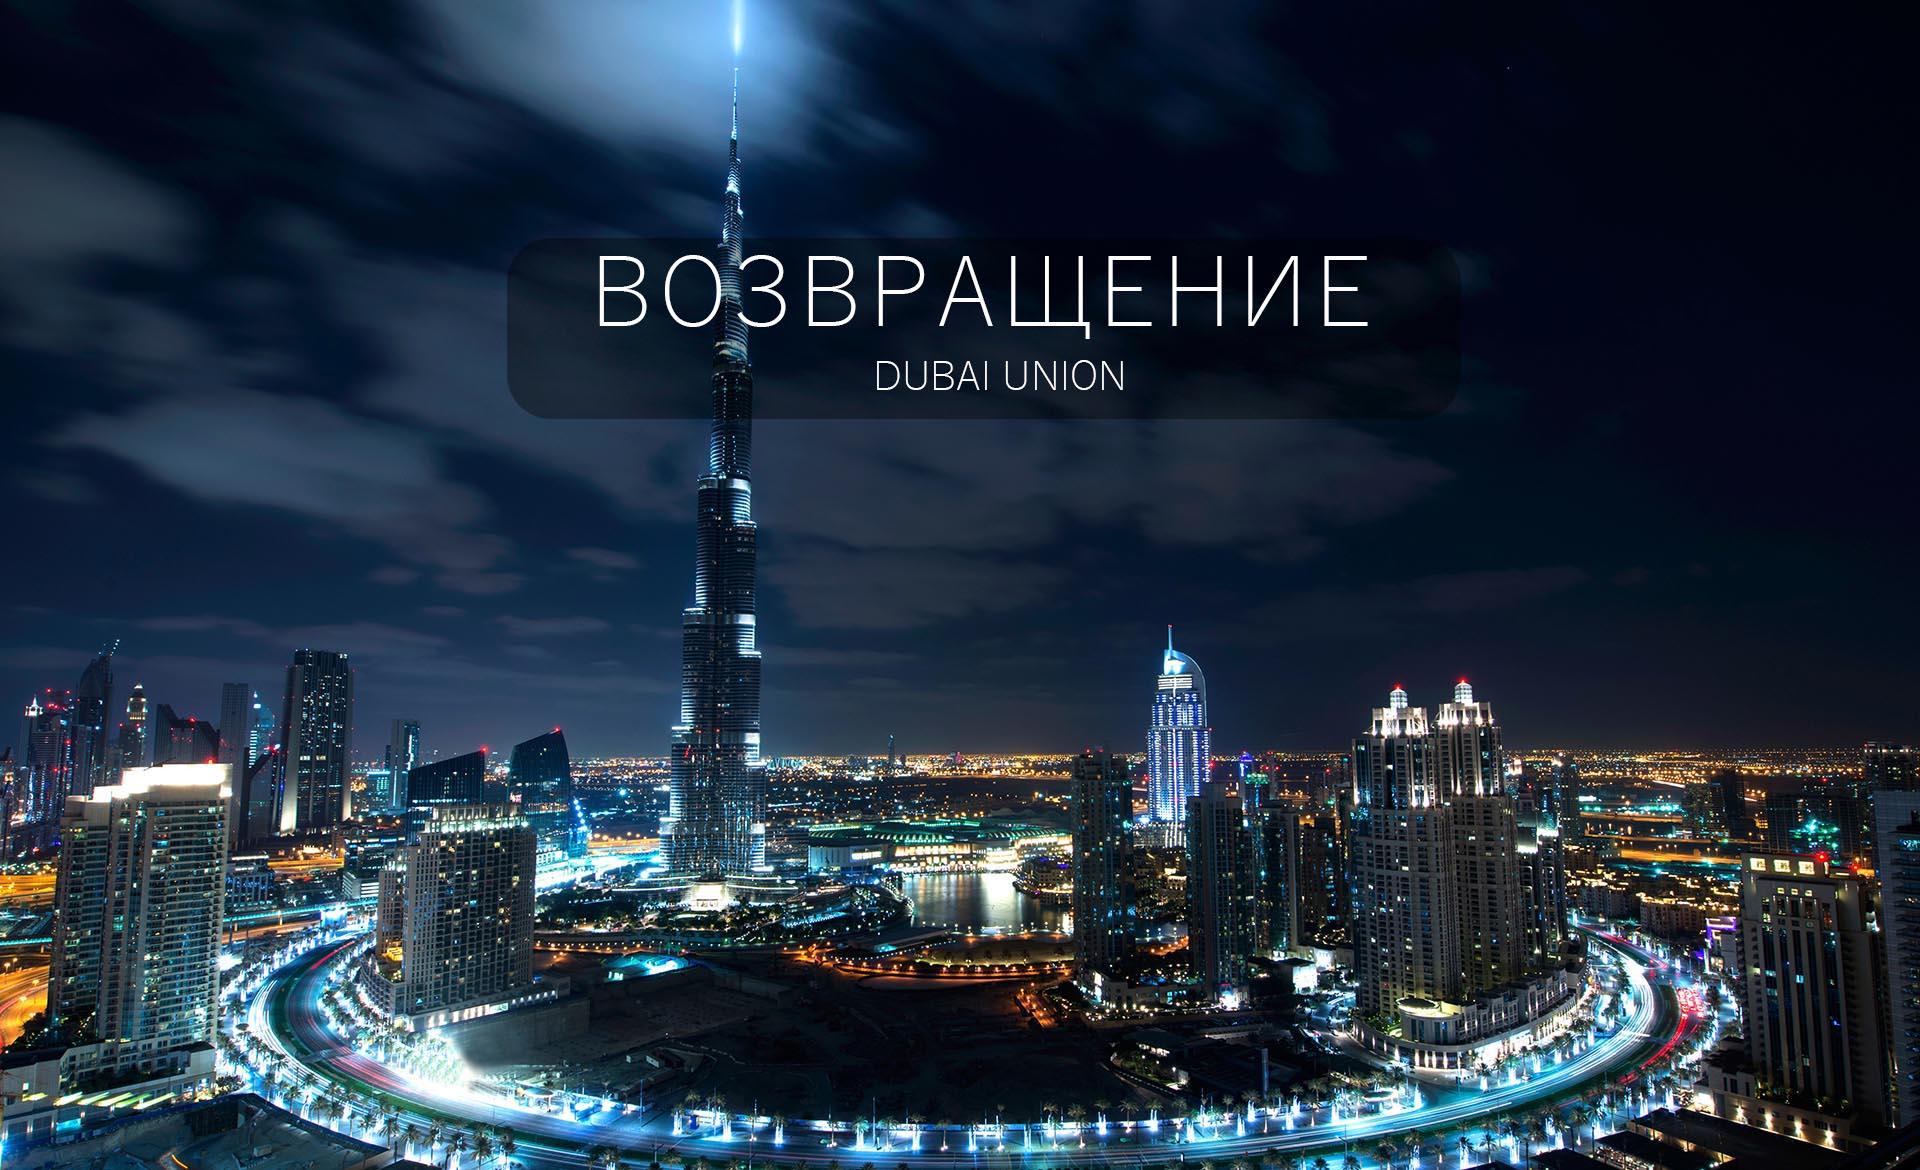 Dubai Union